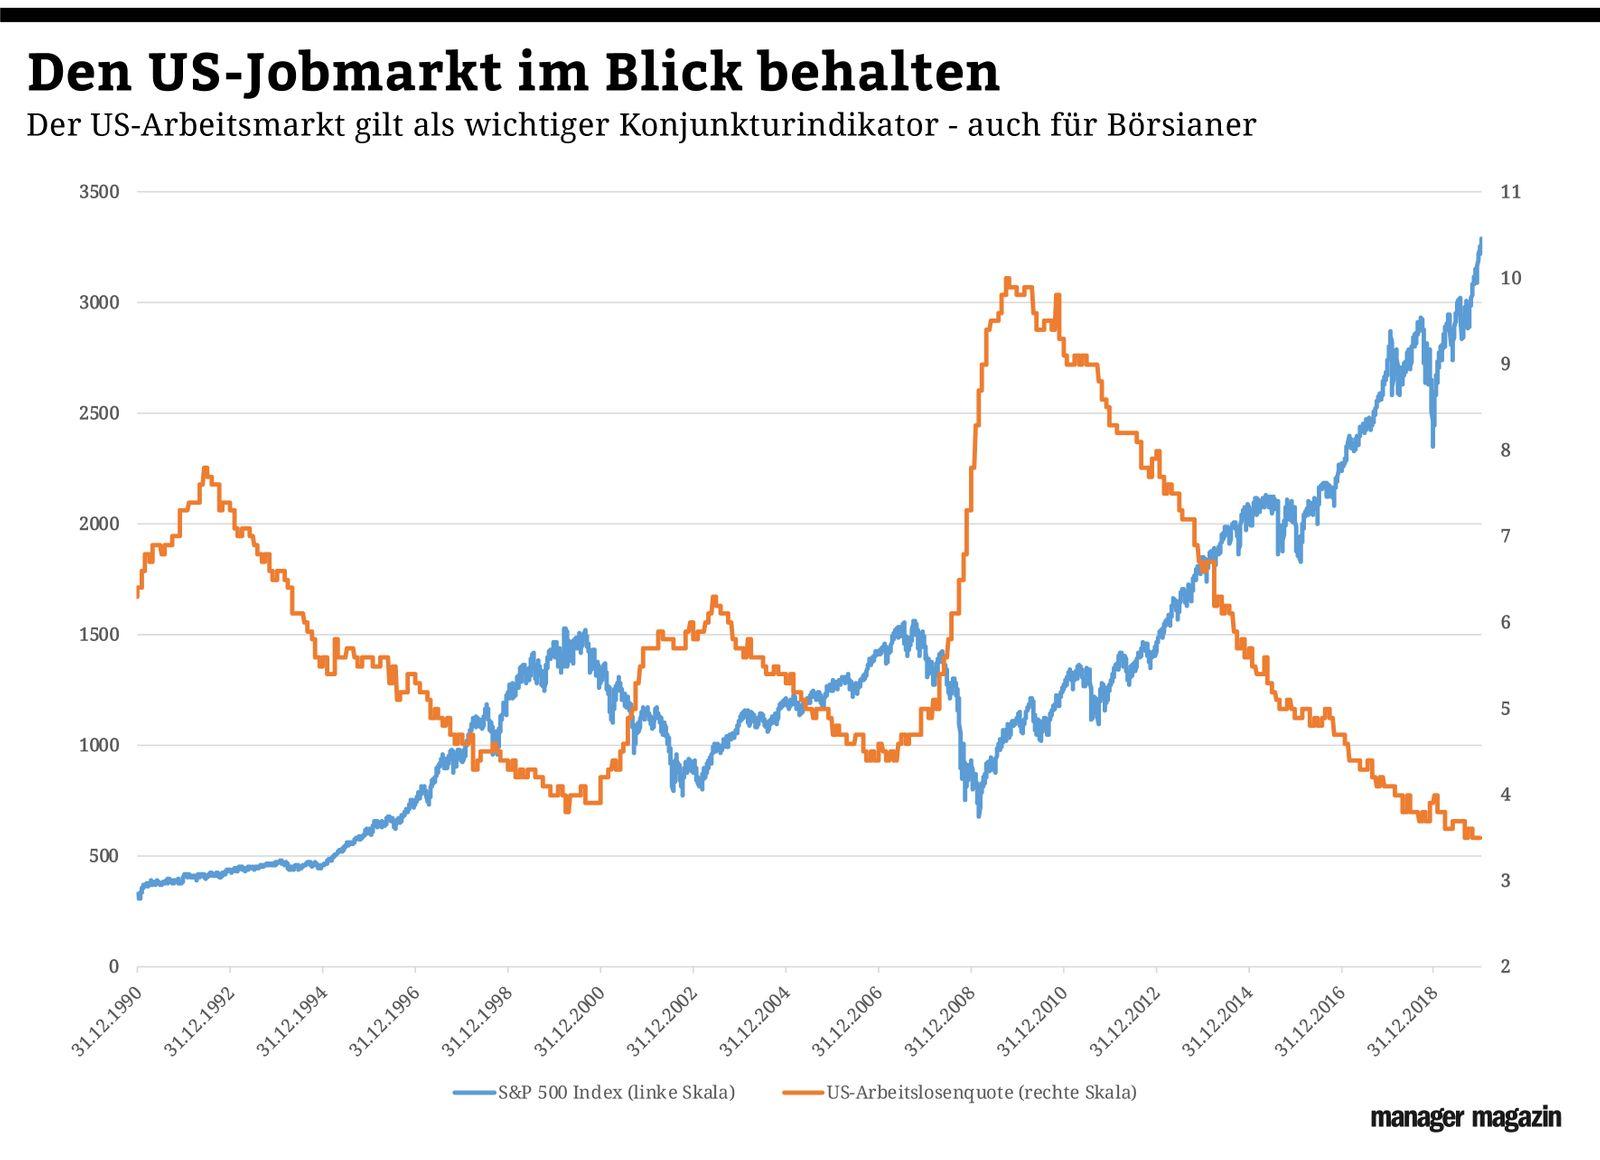 Grafik der Woche / KW 04 / US-Jobmarkt